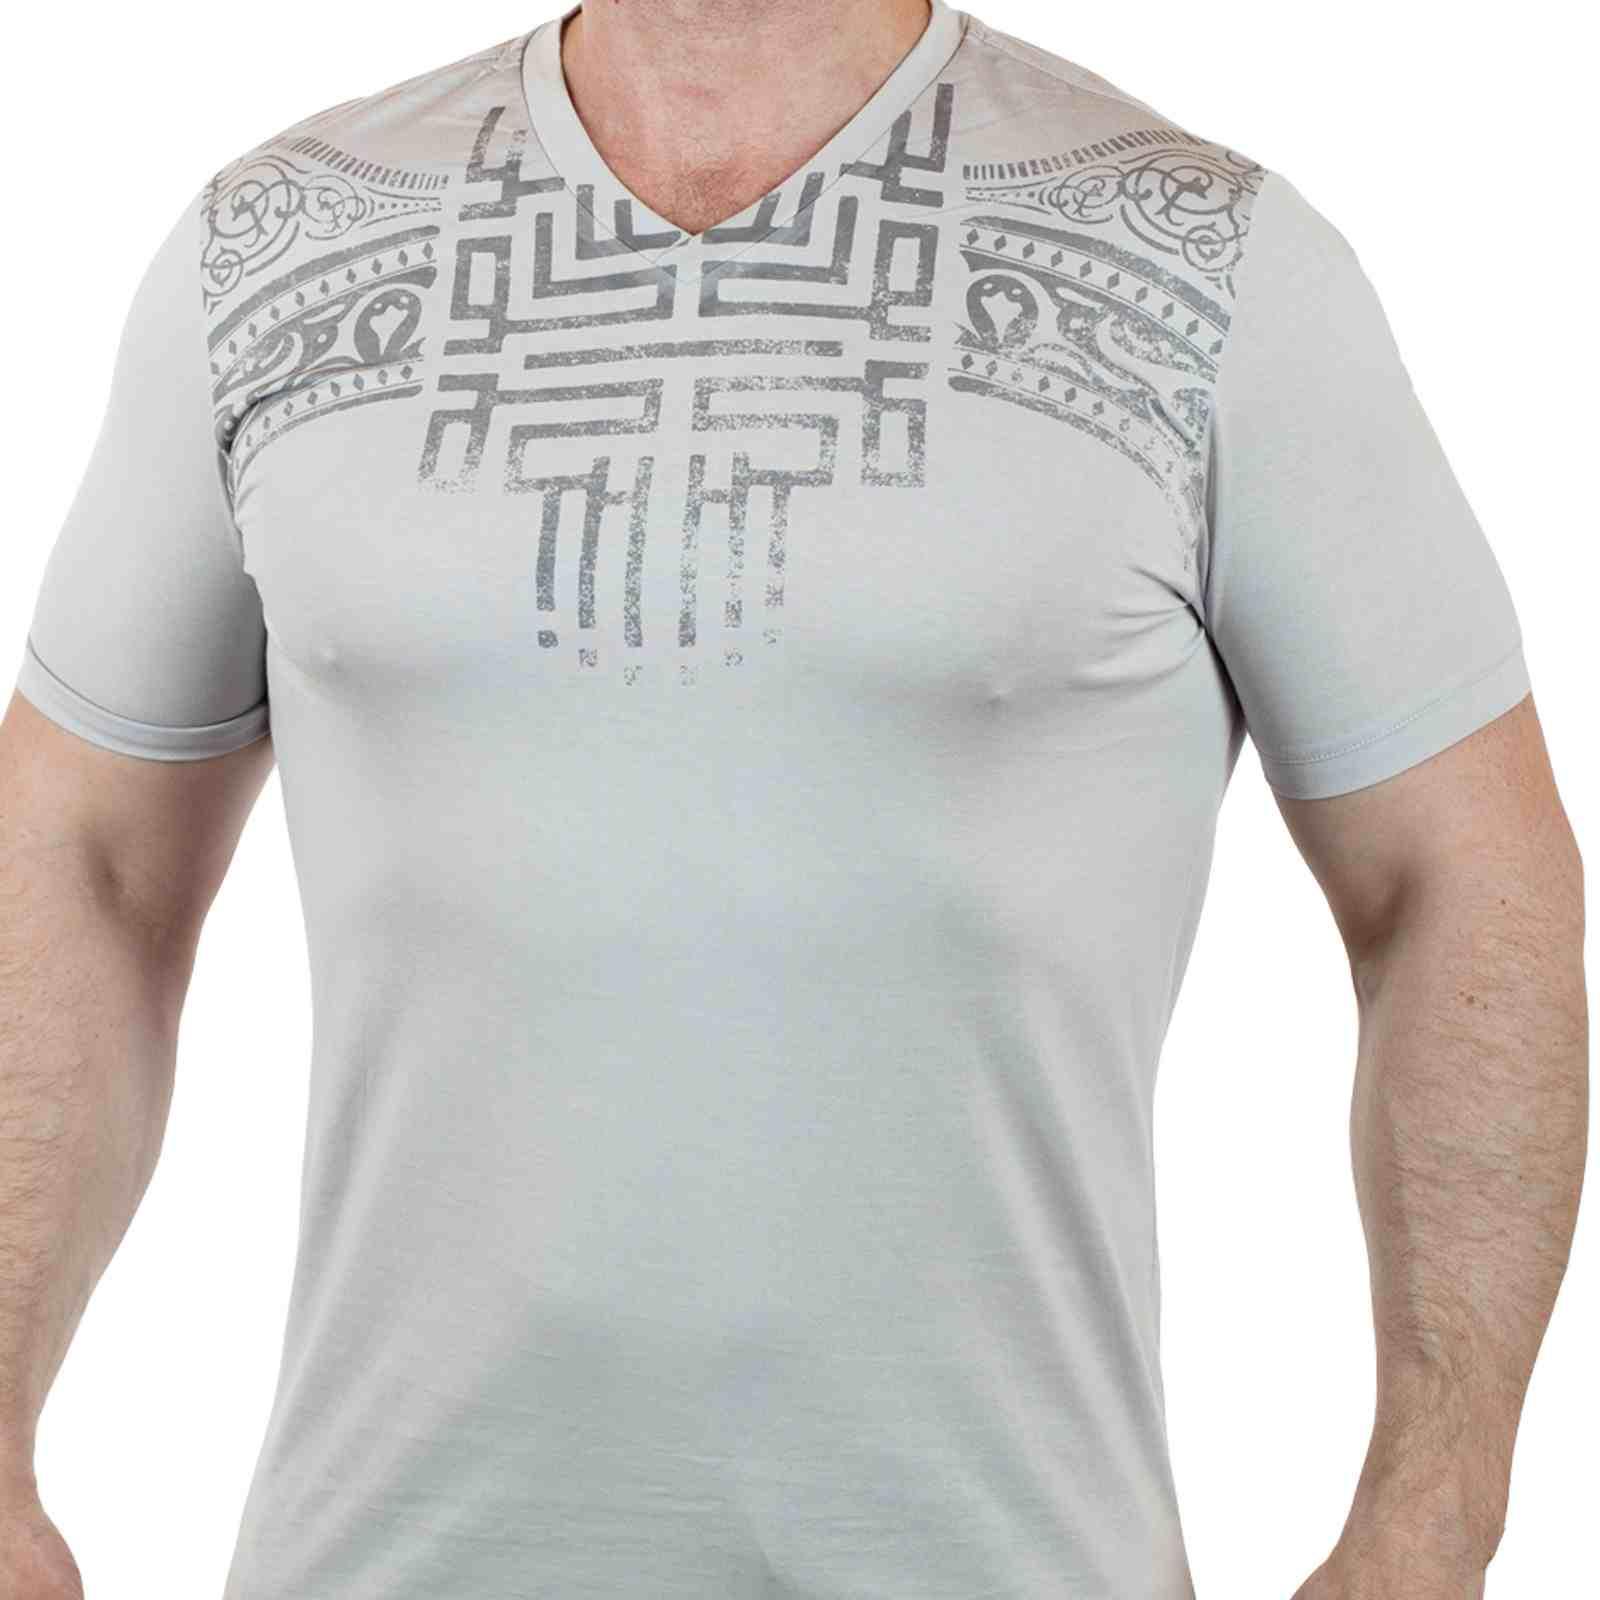 Эксклюзивная мужская футболка из Италии от Murano-главная